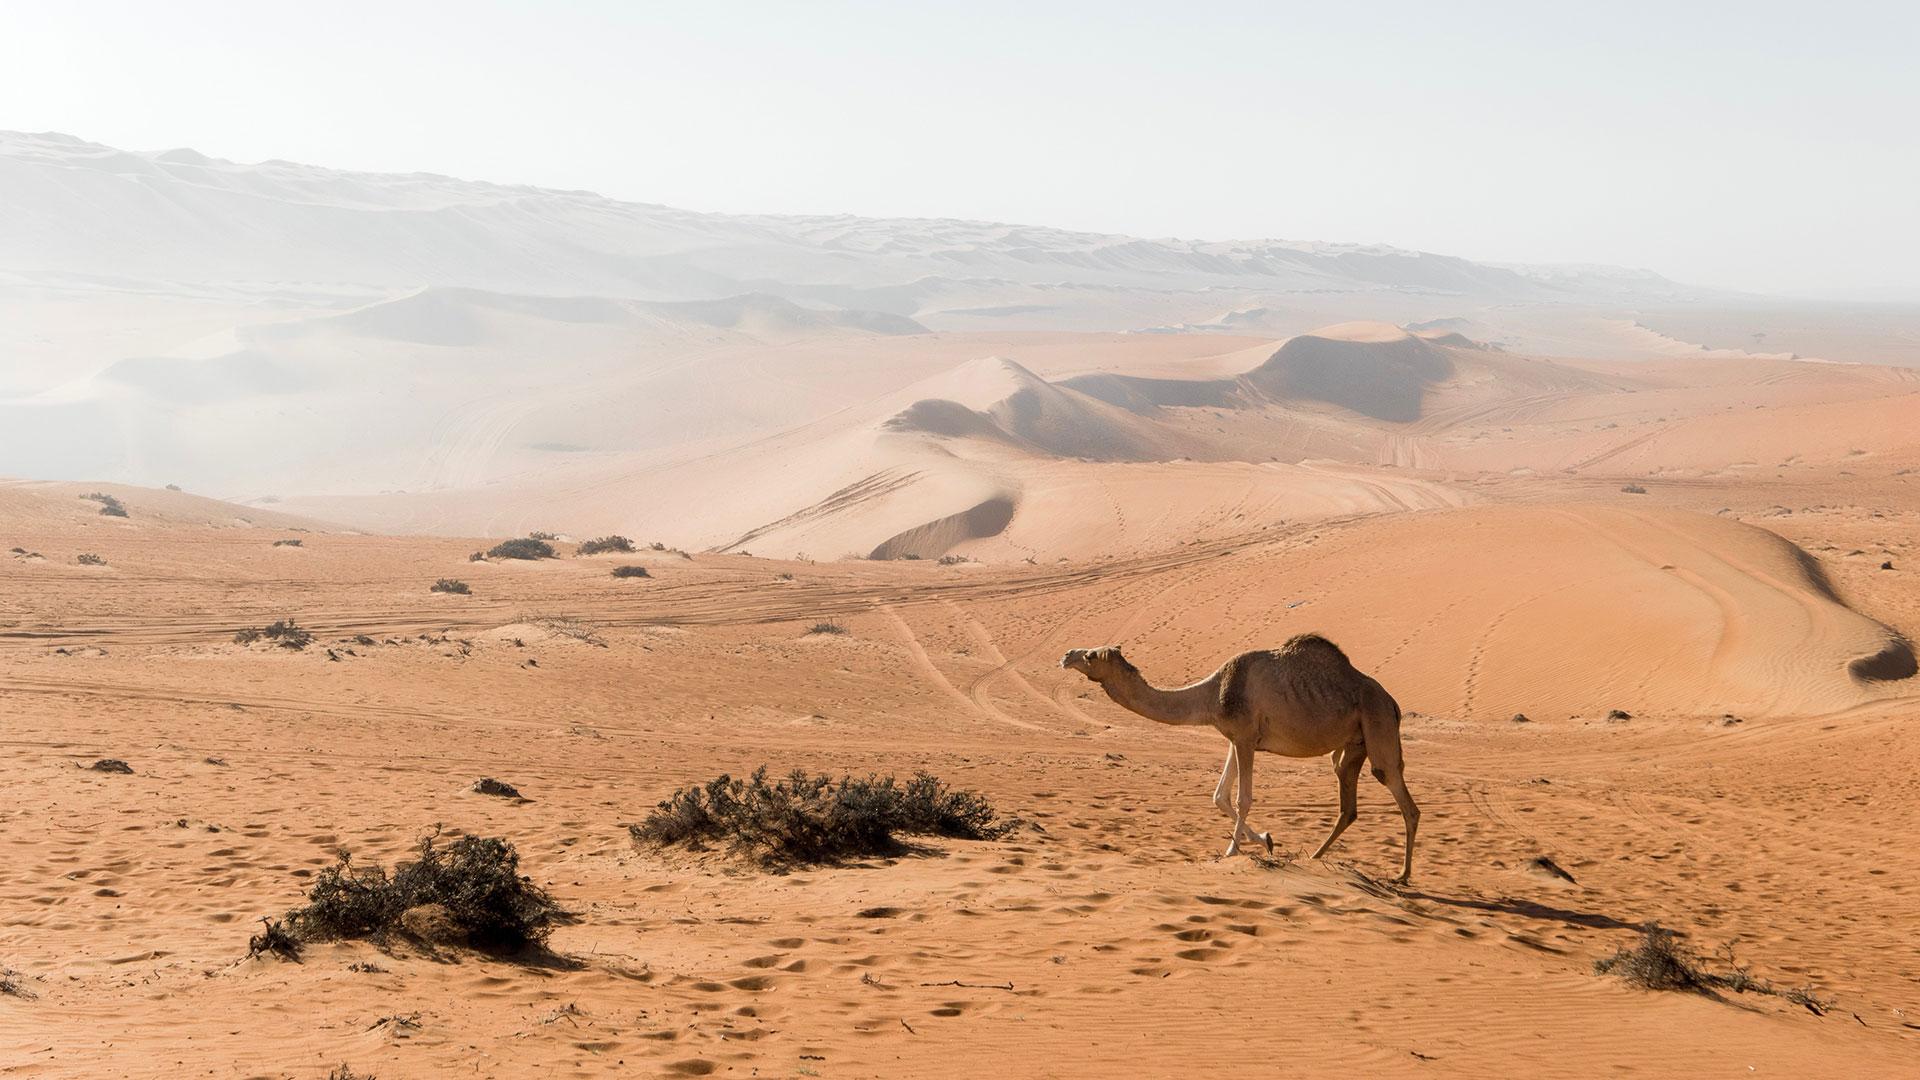 Oman Wüste und Kamel. Luxusreise